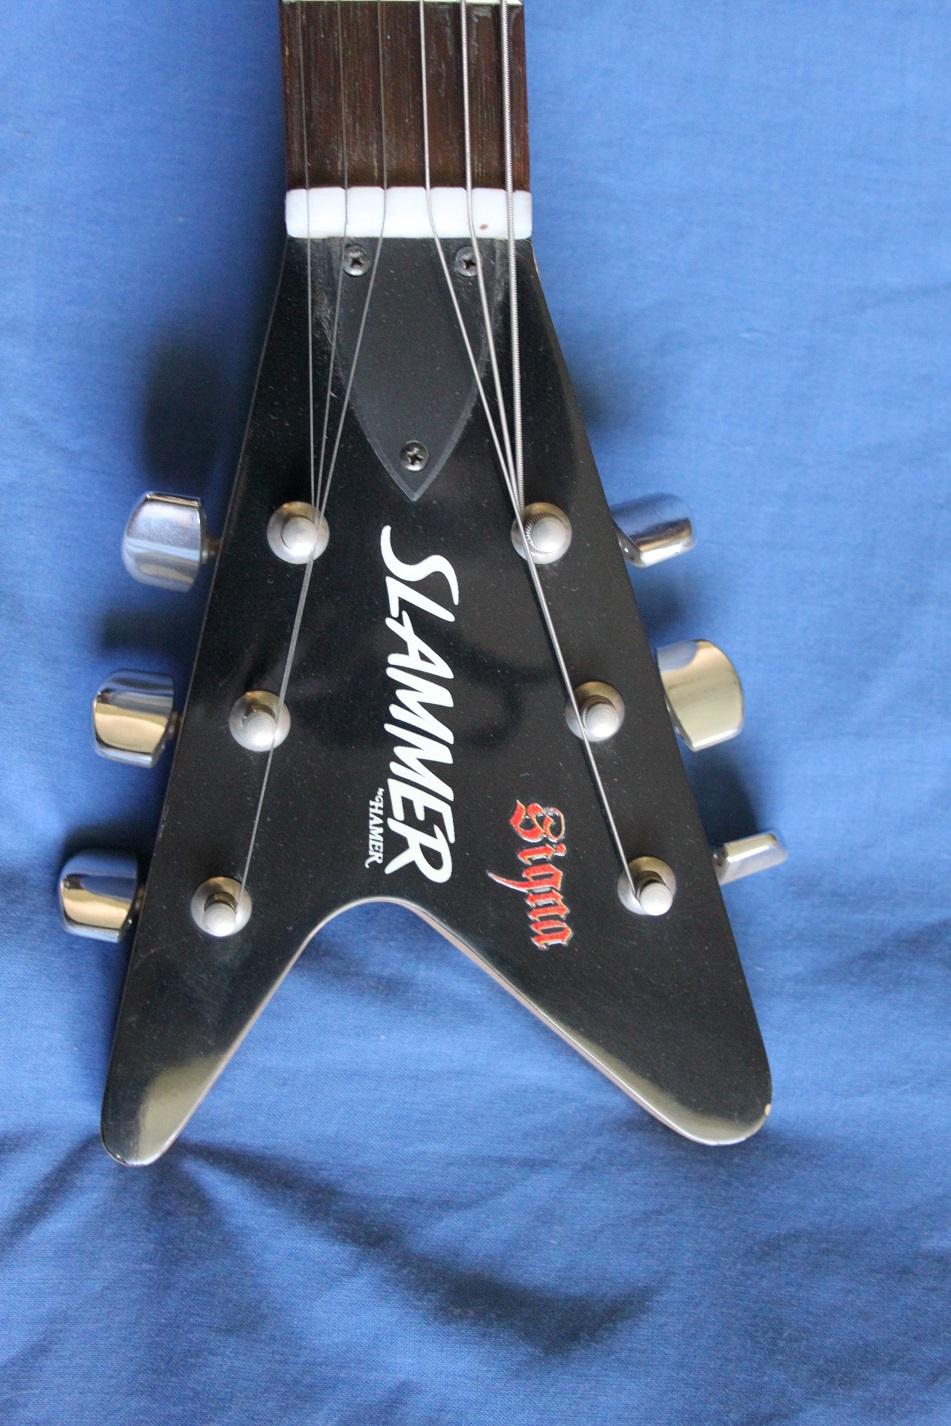 Slammer VK1